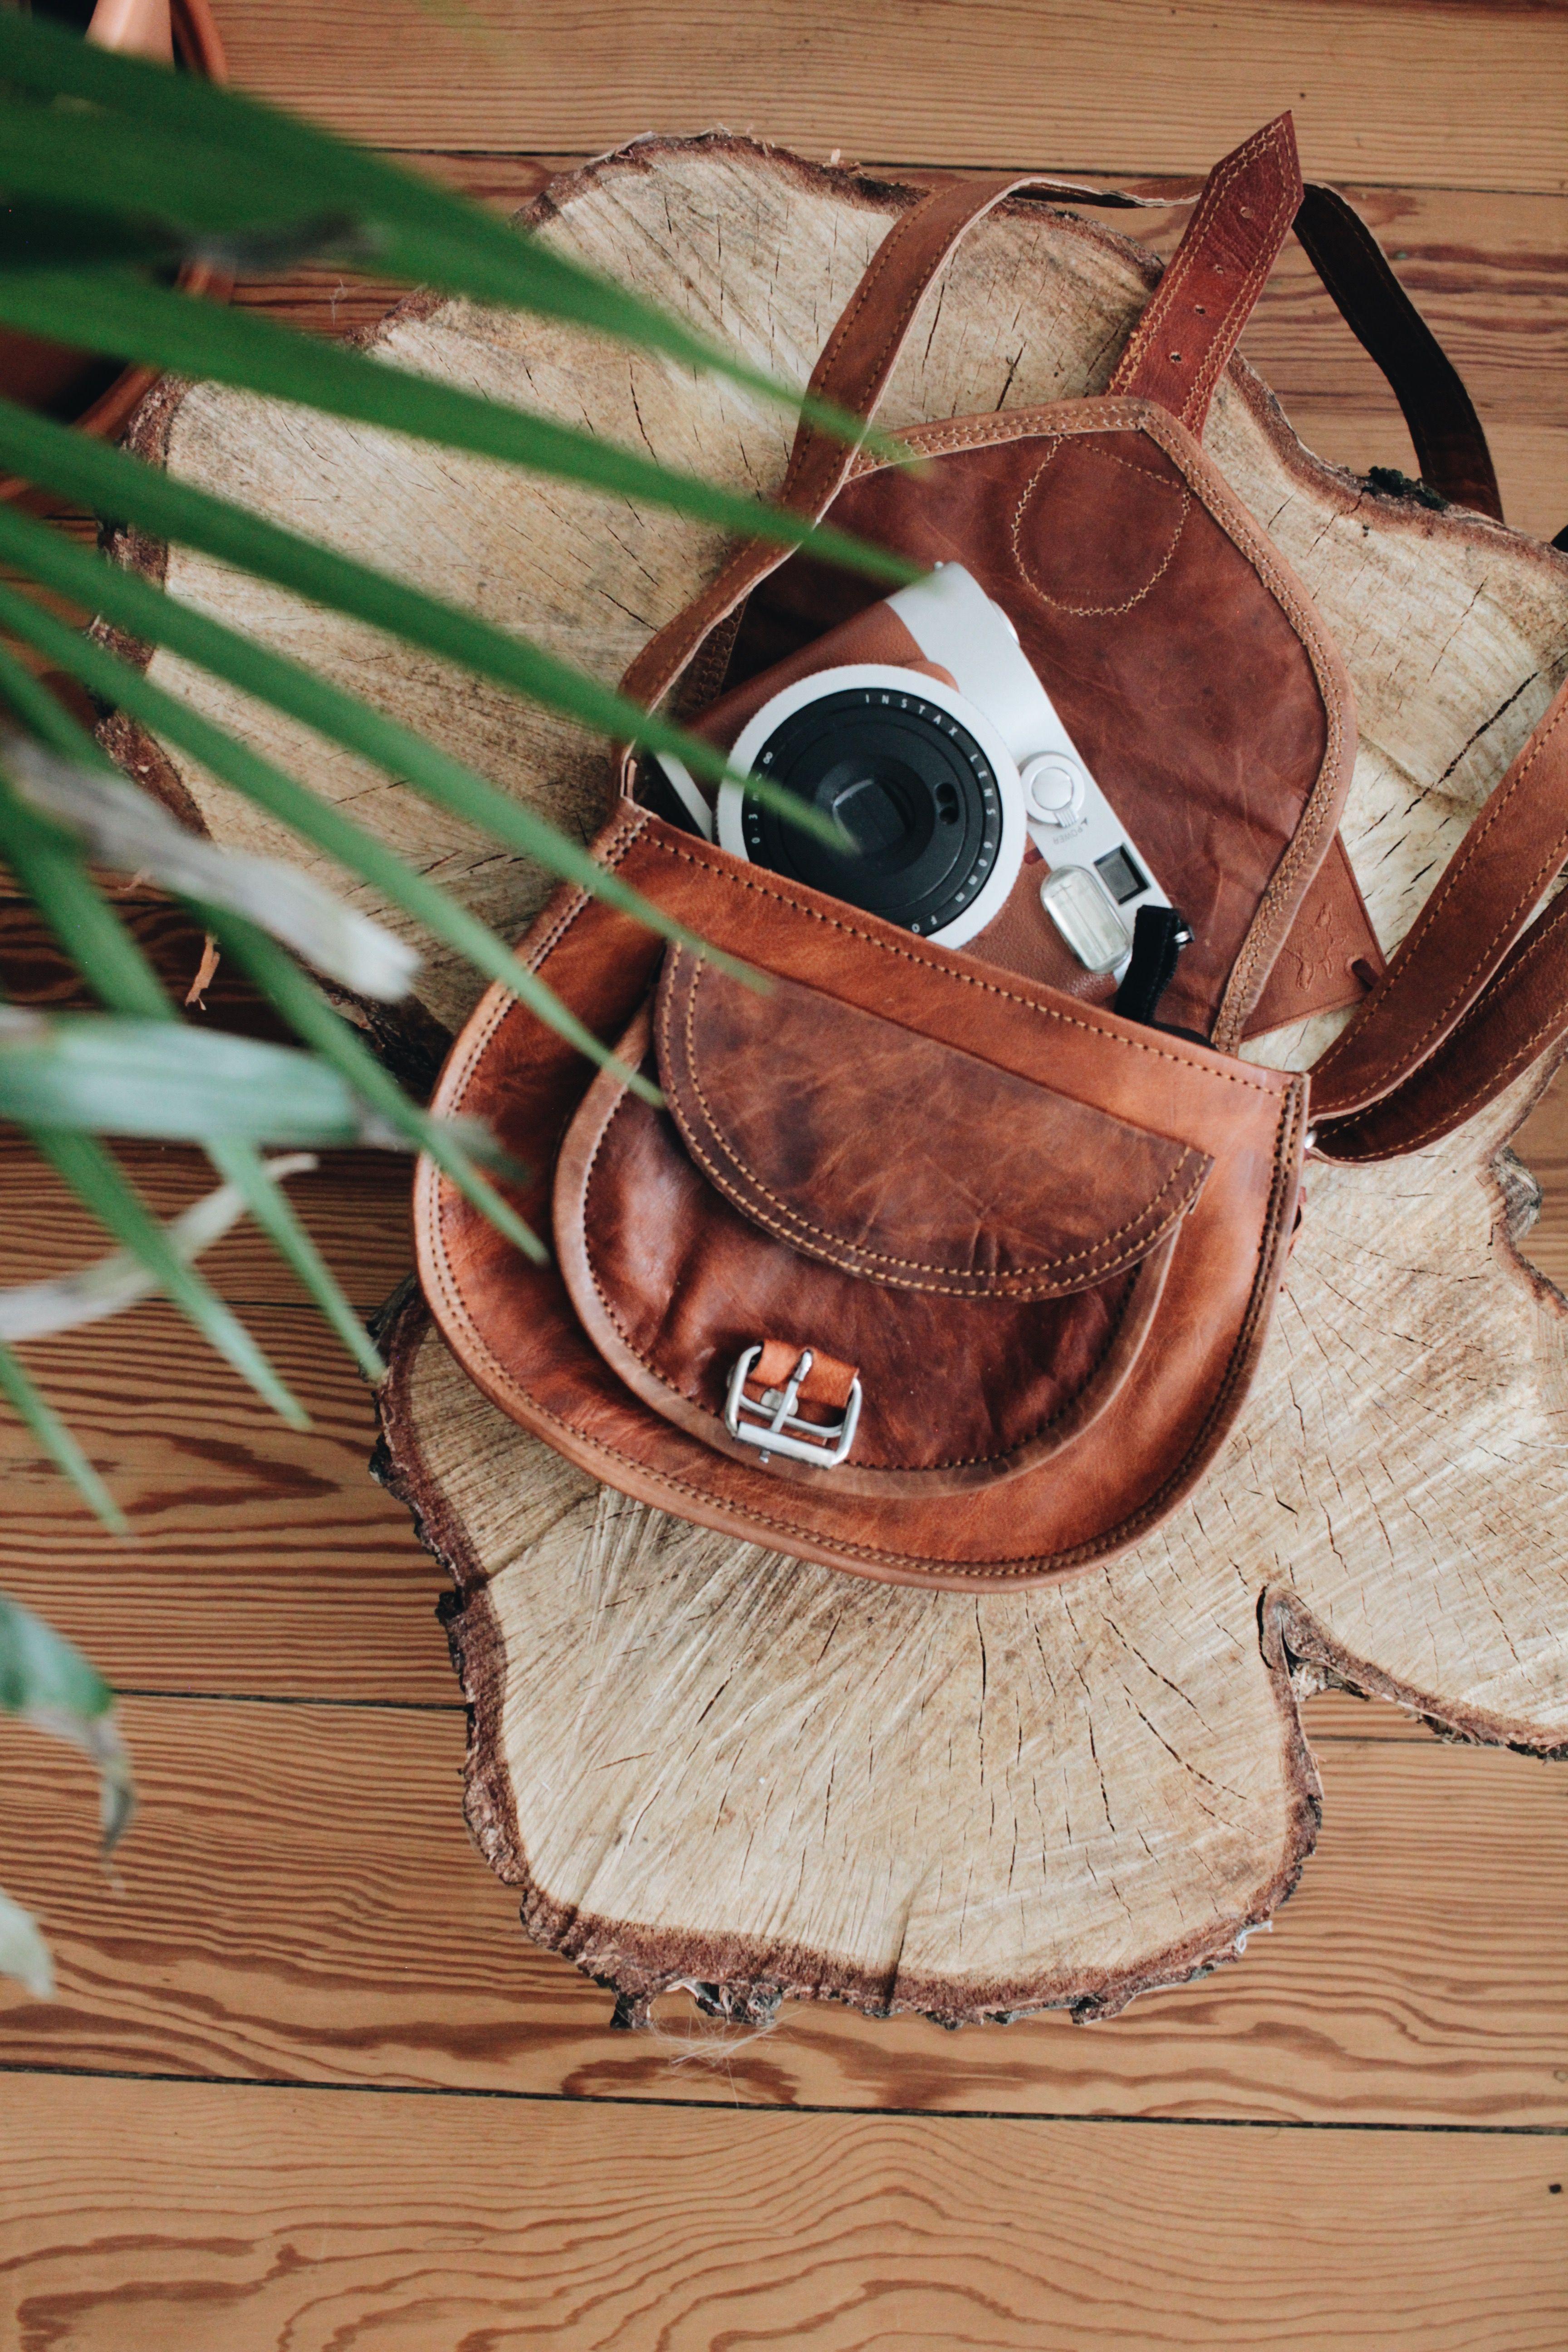 786a2c574449f Romy ist die perfekte Handtasche für den Alltag. Ihre handliche Größe ist  immer dann perfekt